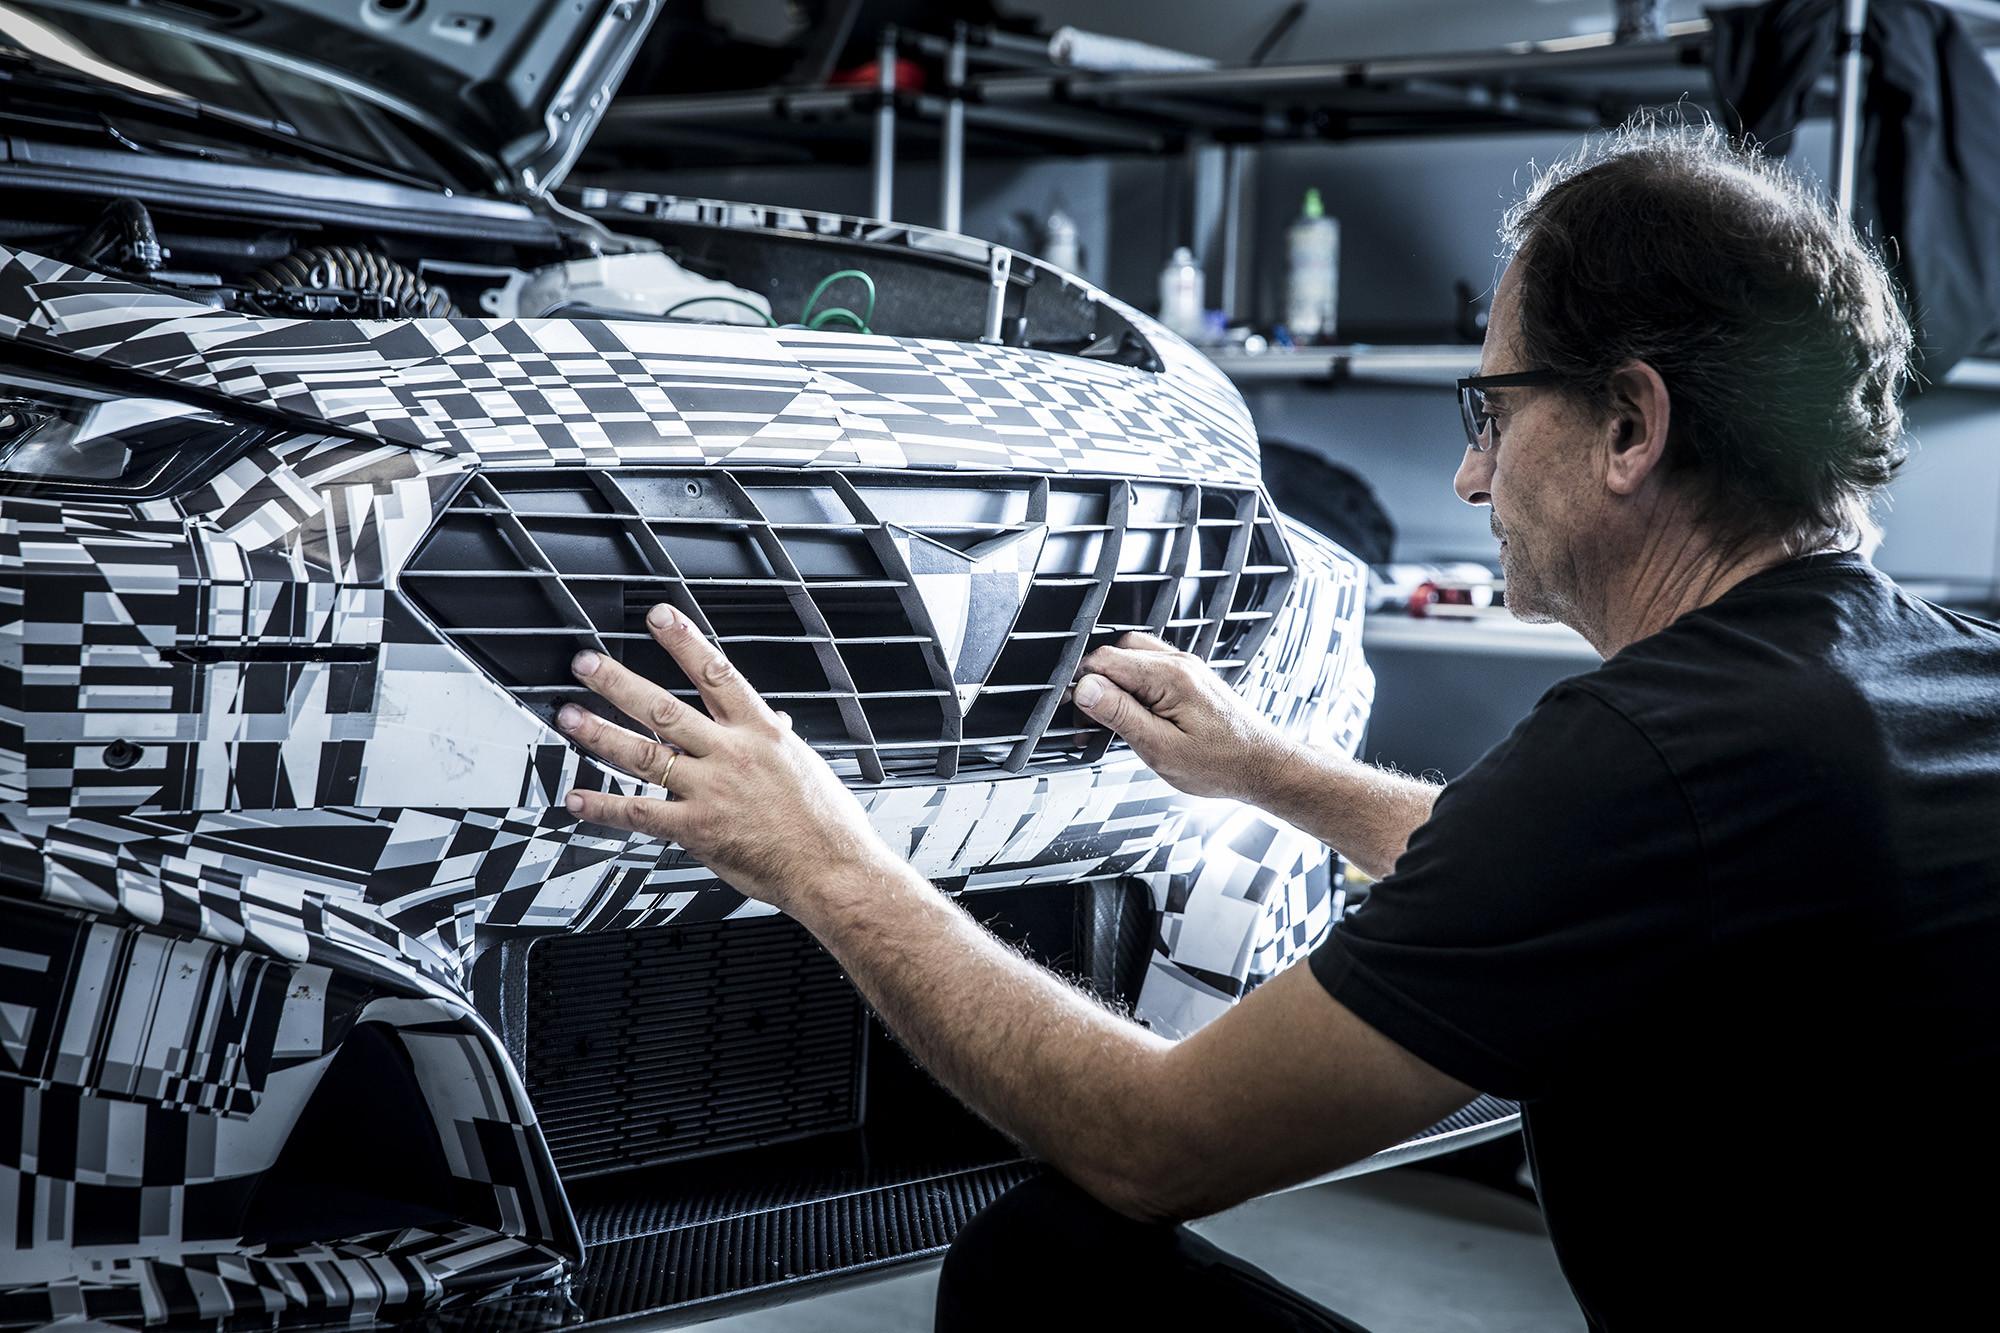 """¡Wow! Ahora se pueden """"imprimir"""" piezas en 3D para probar autos nuevos"""